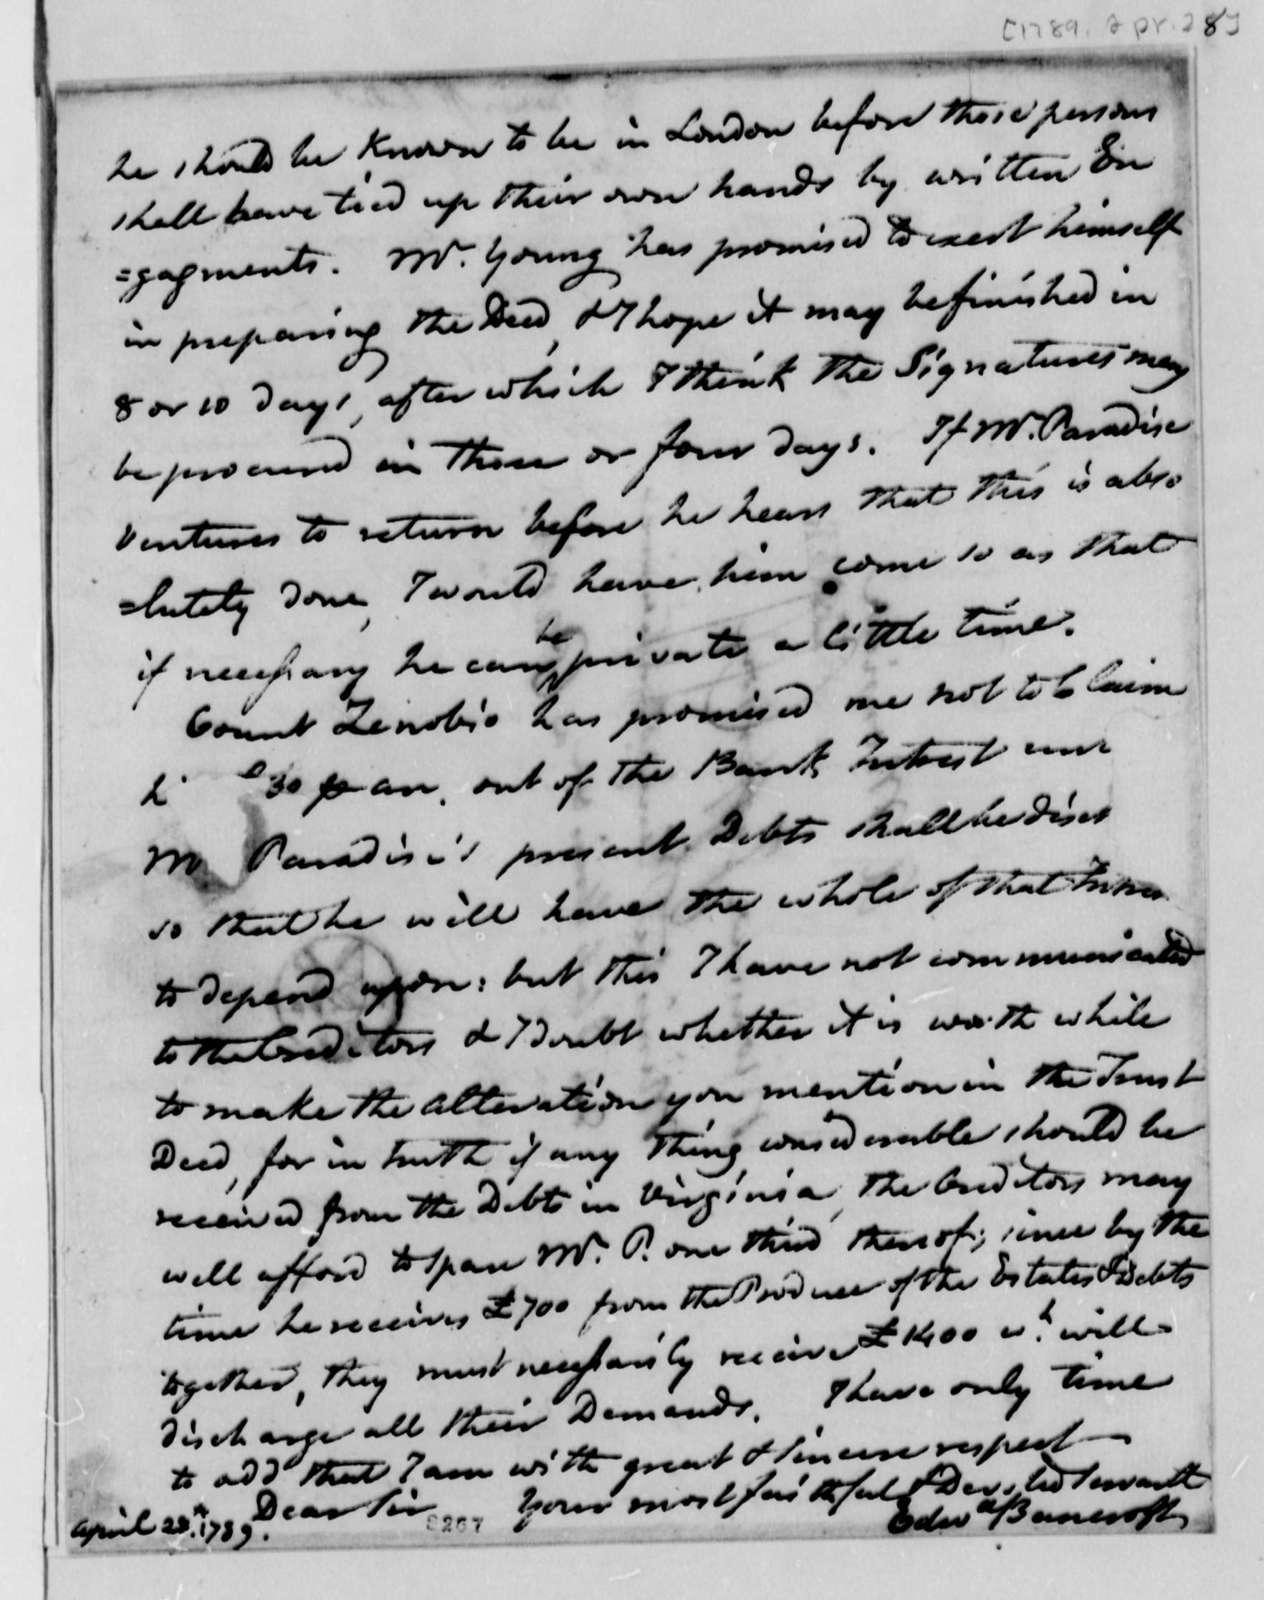 Edward Bancroft to Thomas Jefferson, April 28, 1789